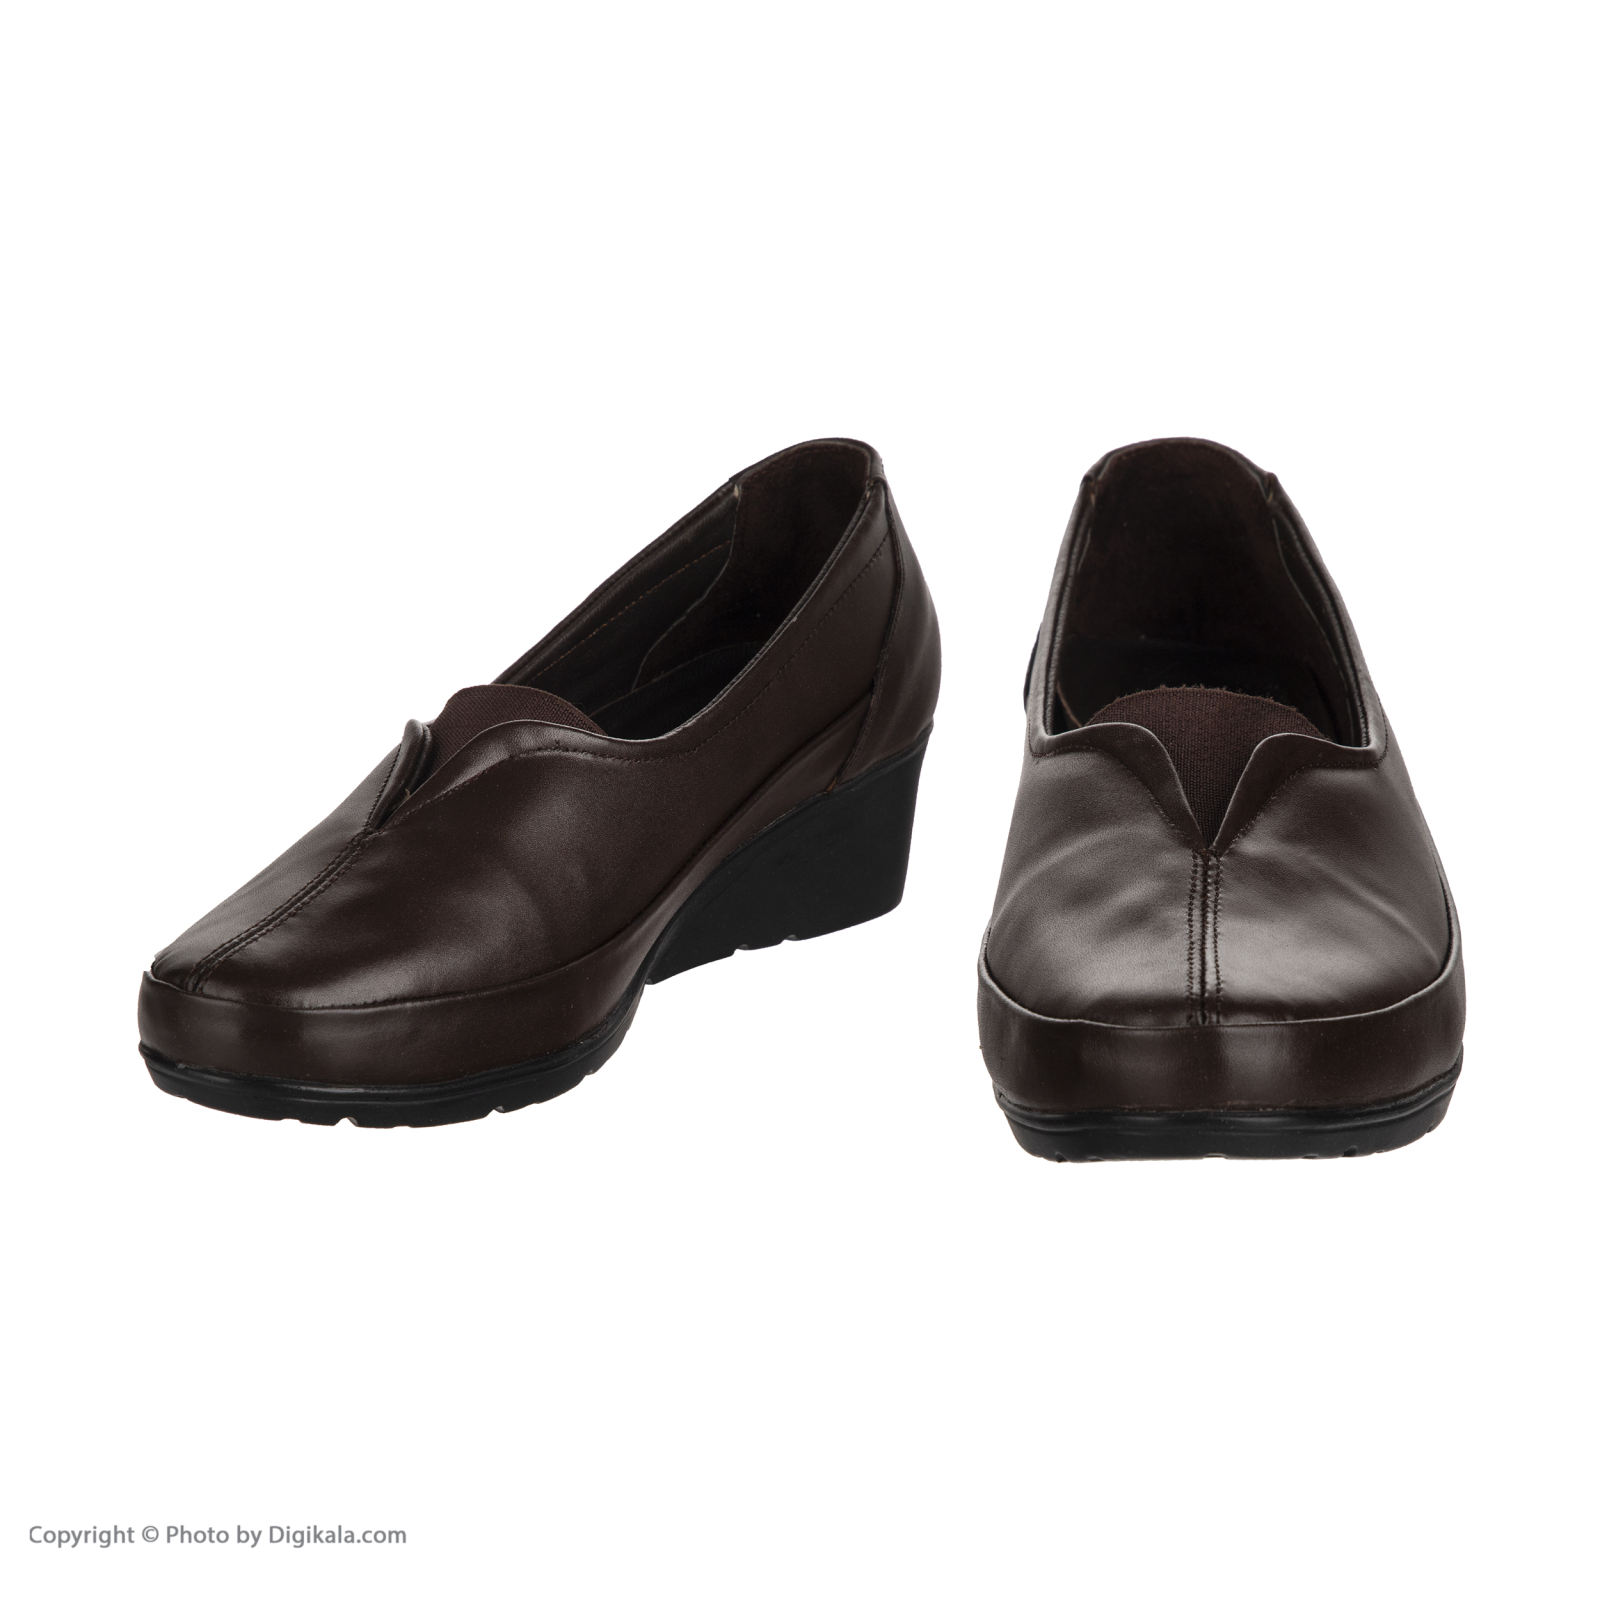 کفش روزمره زنانه سوته مدل 3026C500104 -  - 7